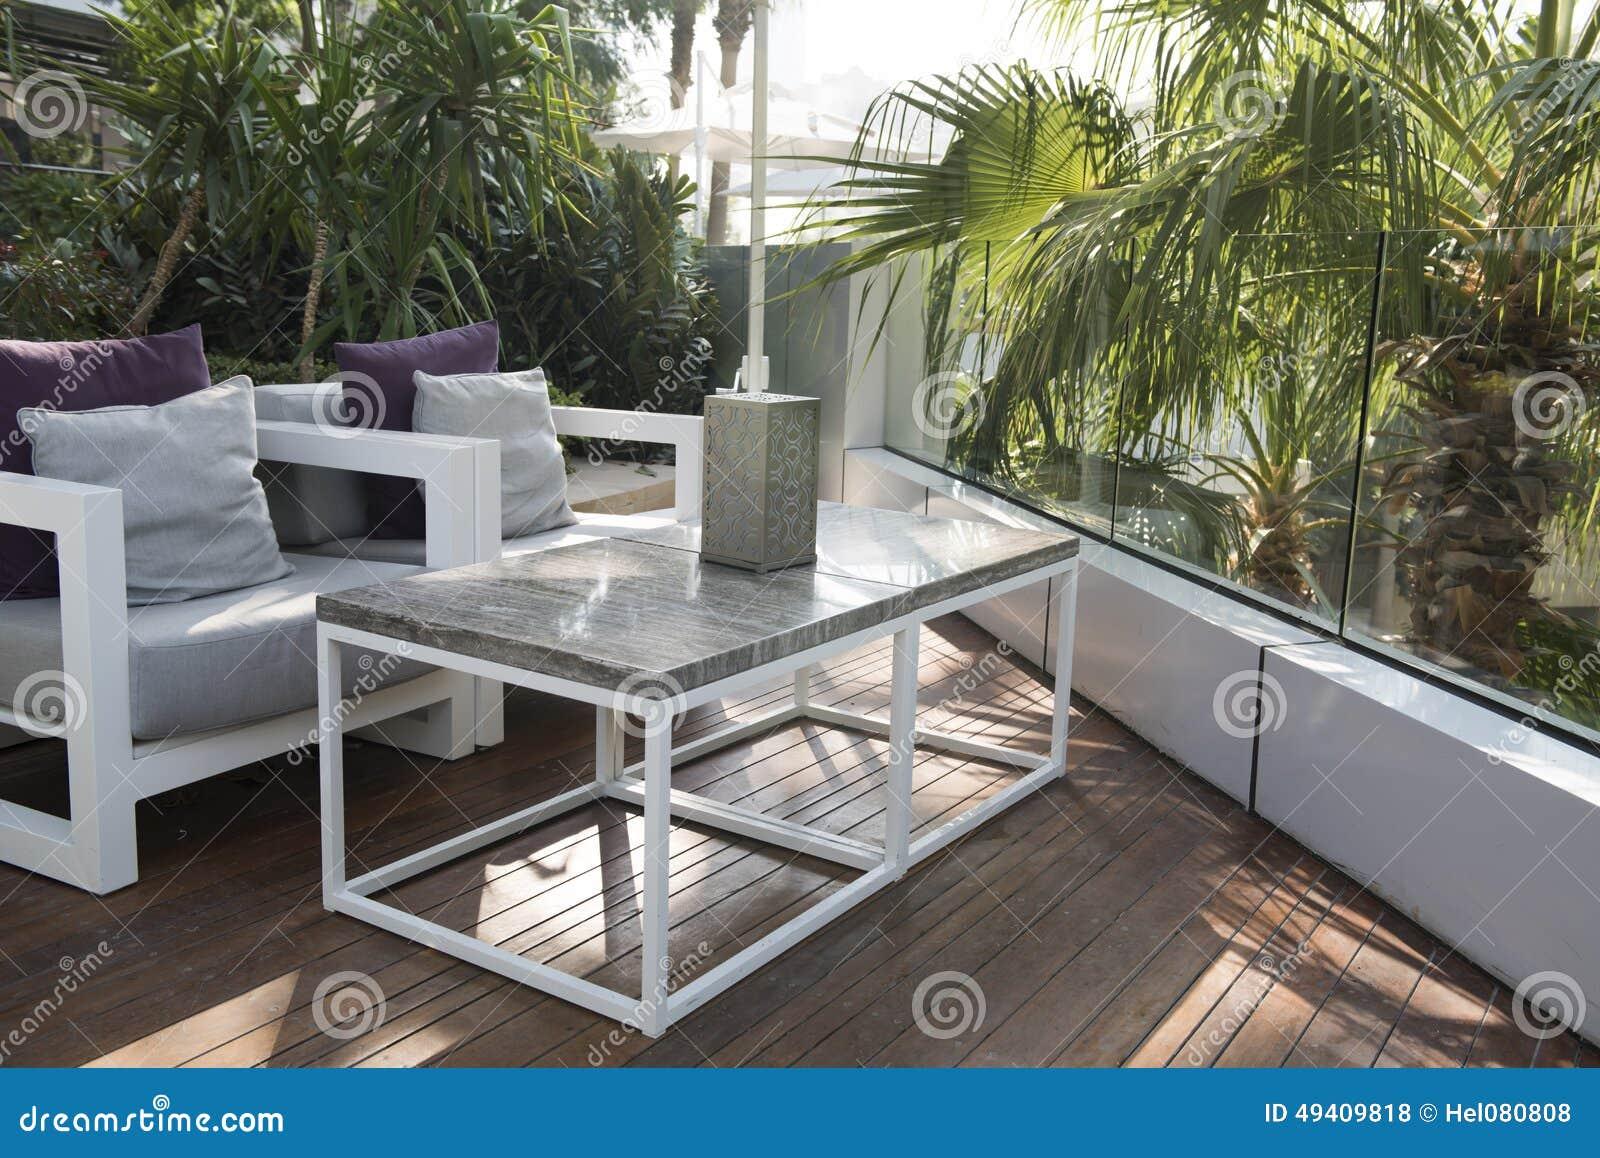 Download Patio stockfoto. Bild von draußen, stühle, betriebe, außen - 49409818